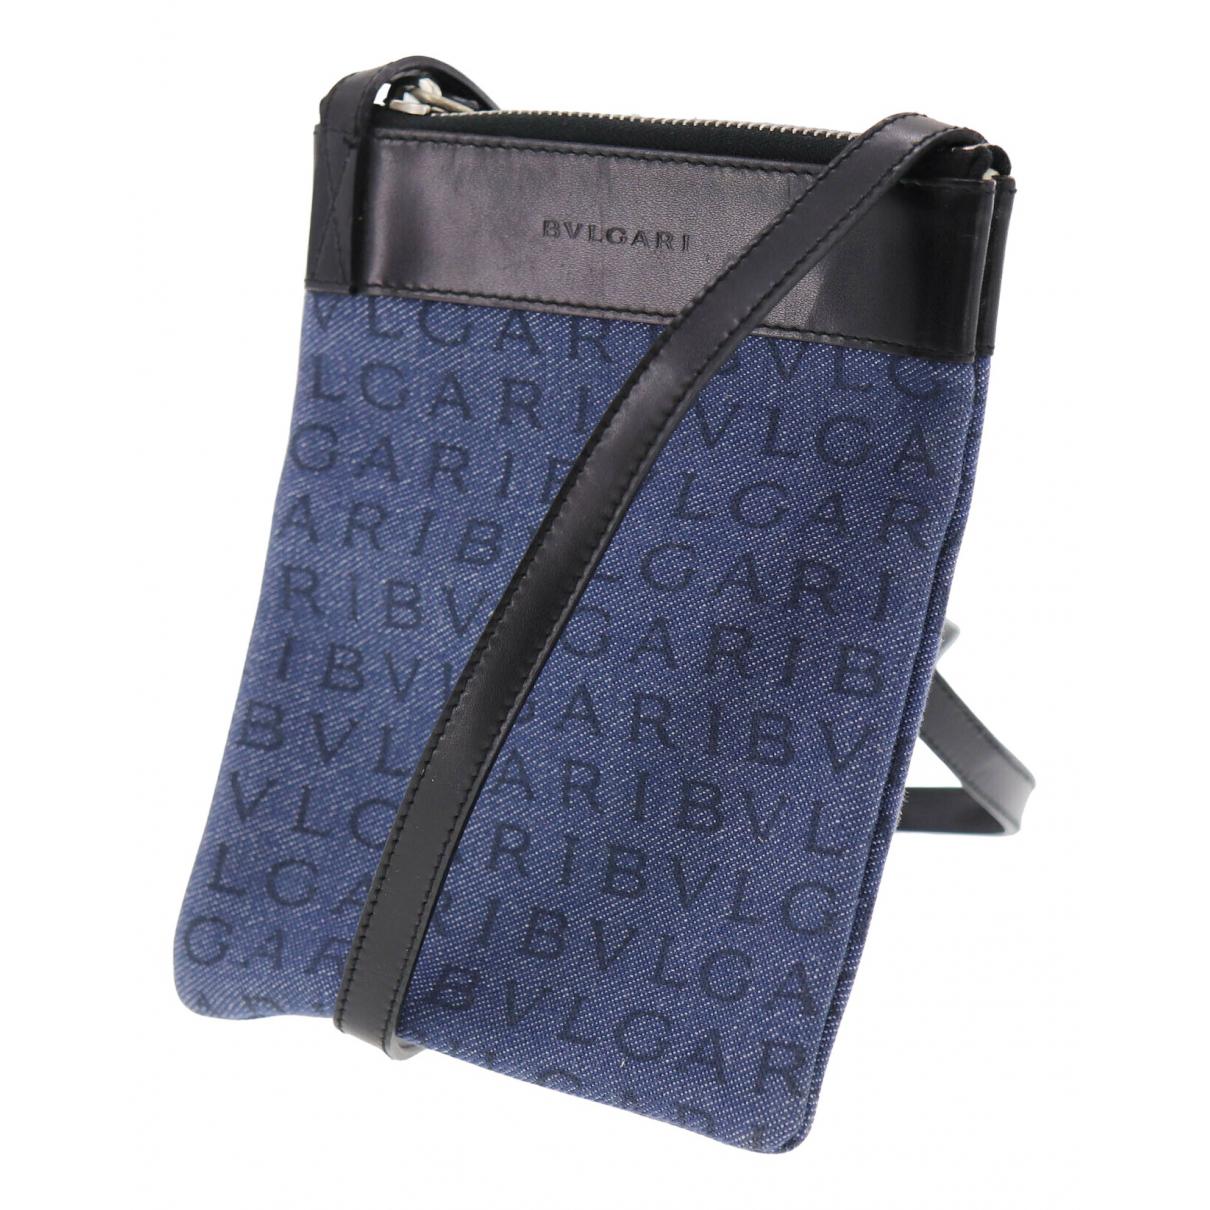 Bvlgari \N Blue Cloth handbag for Women \N